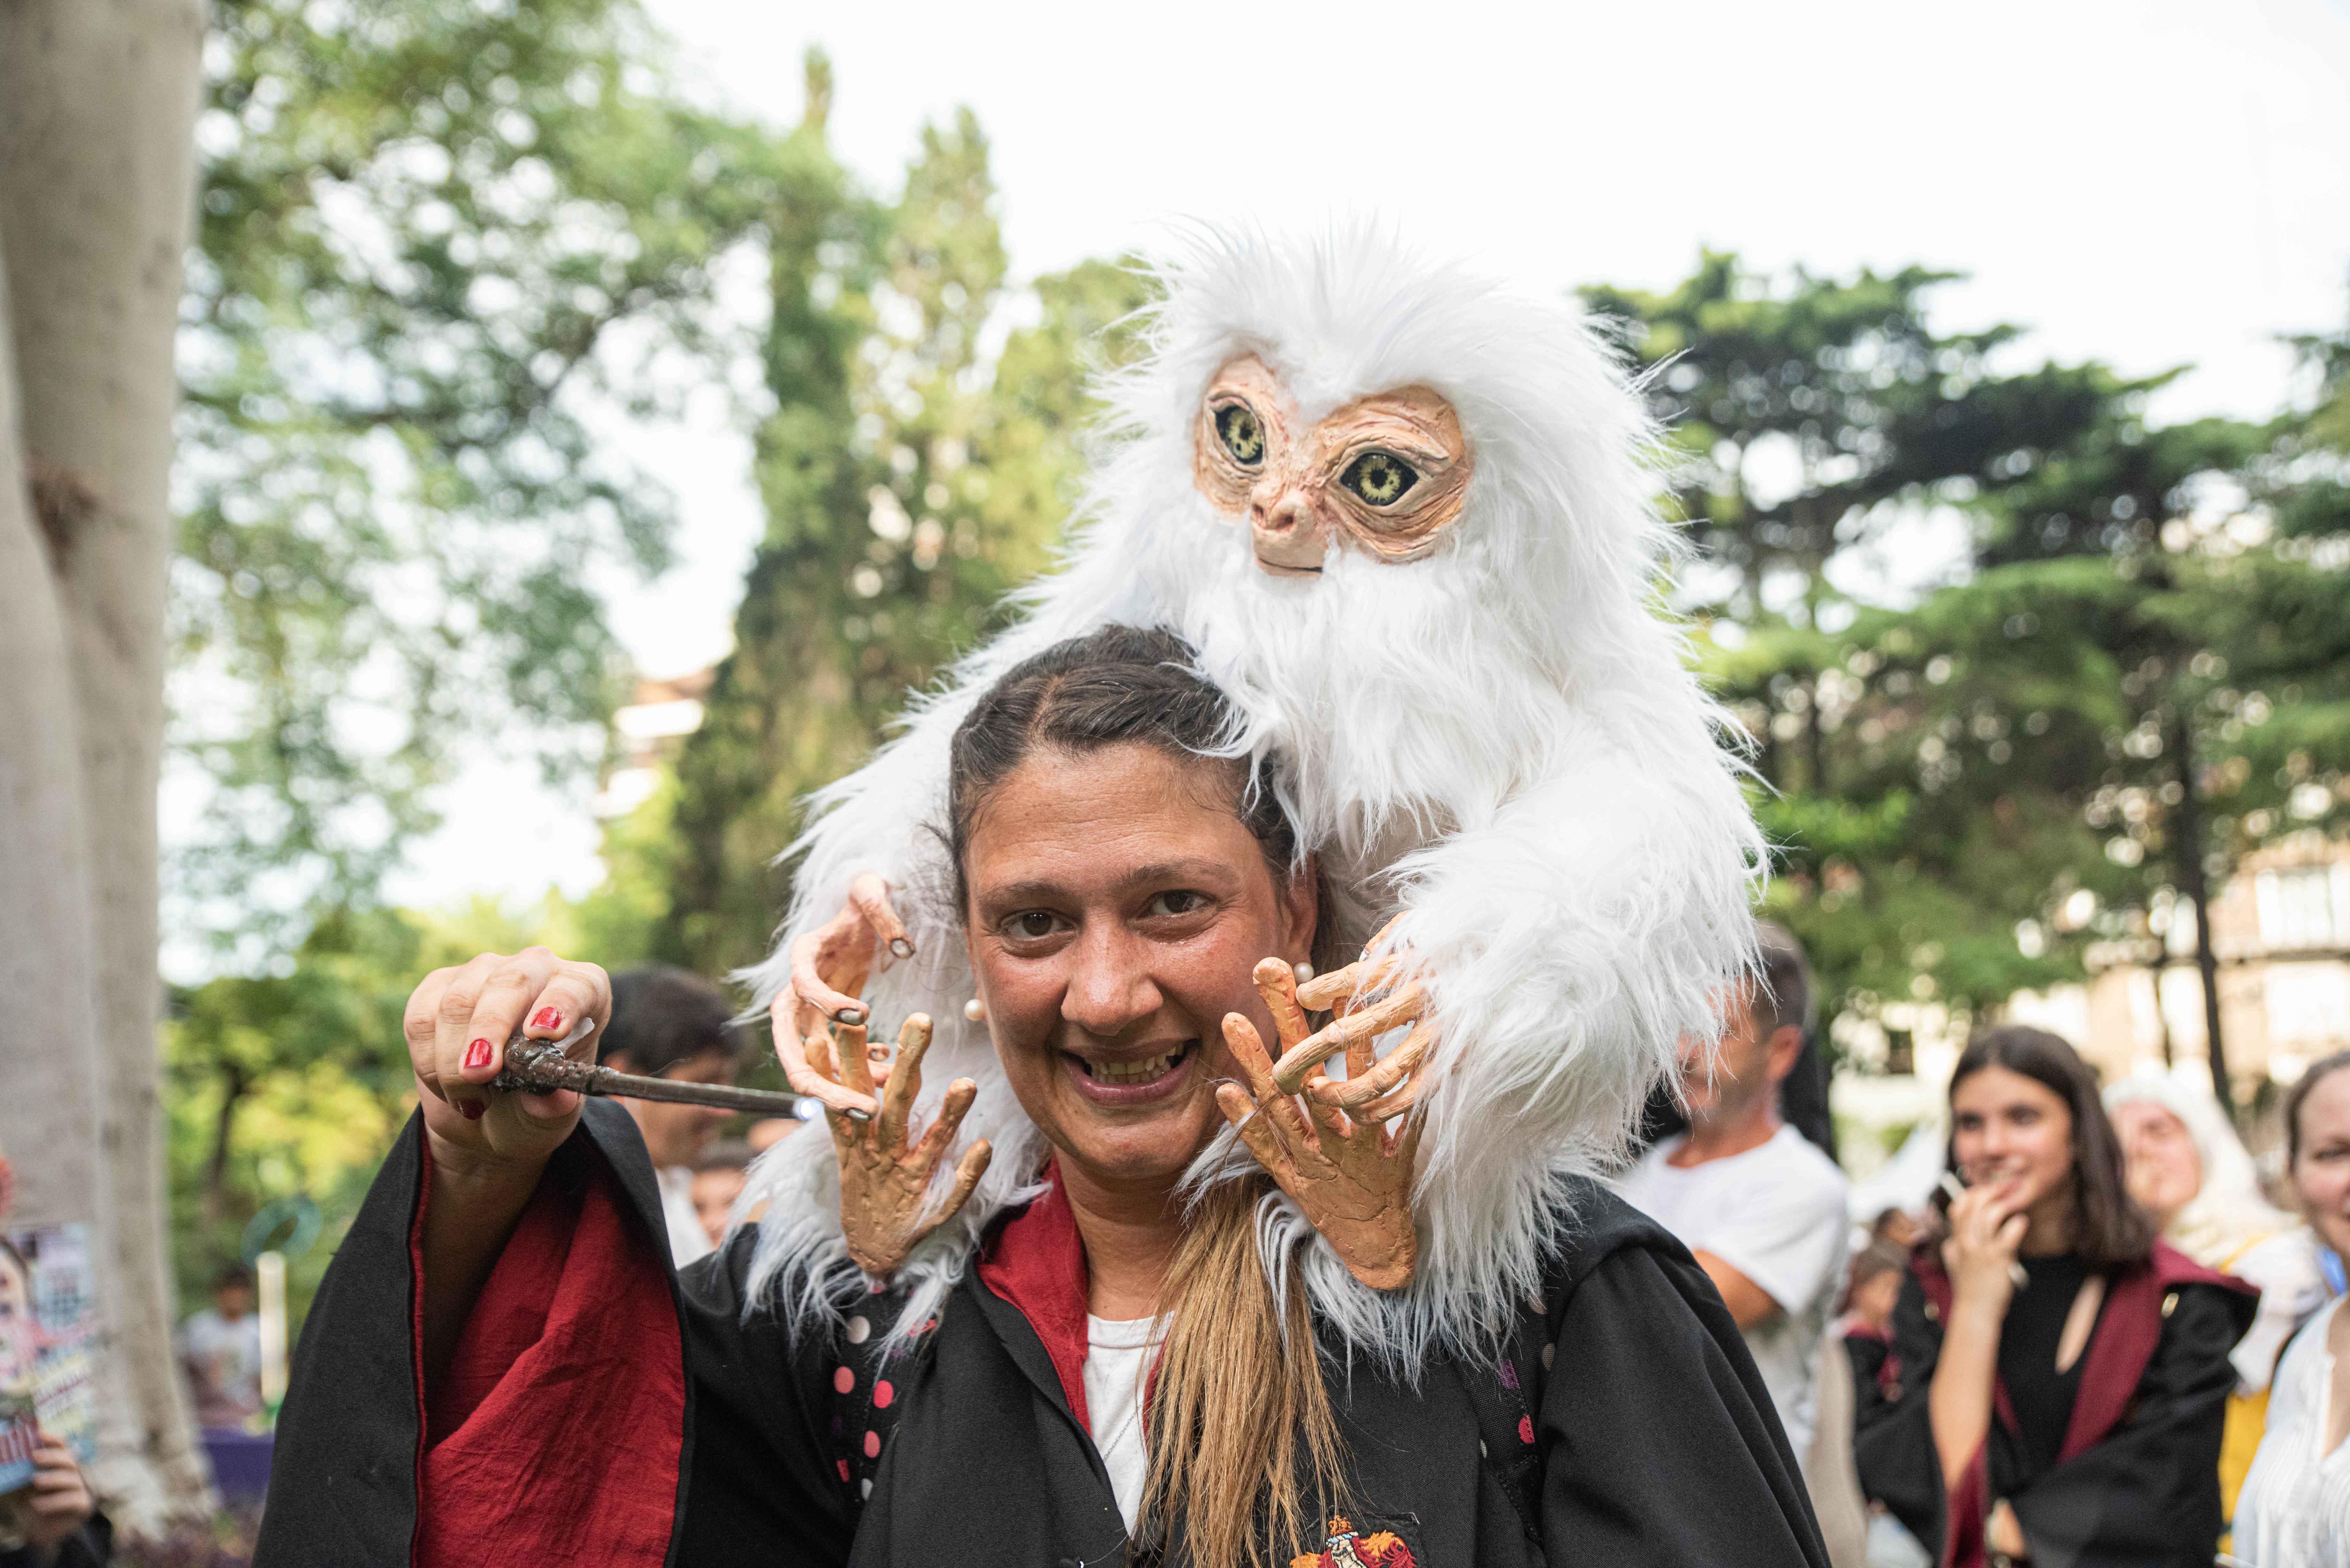 Además de la saga de Harry Potter muchos fanáticos eligieron también ir disfrazados como personajes de la nueva saga de JK Rowling: